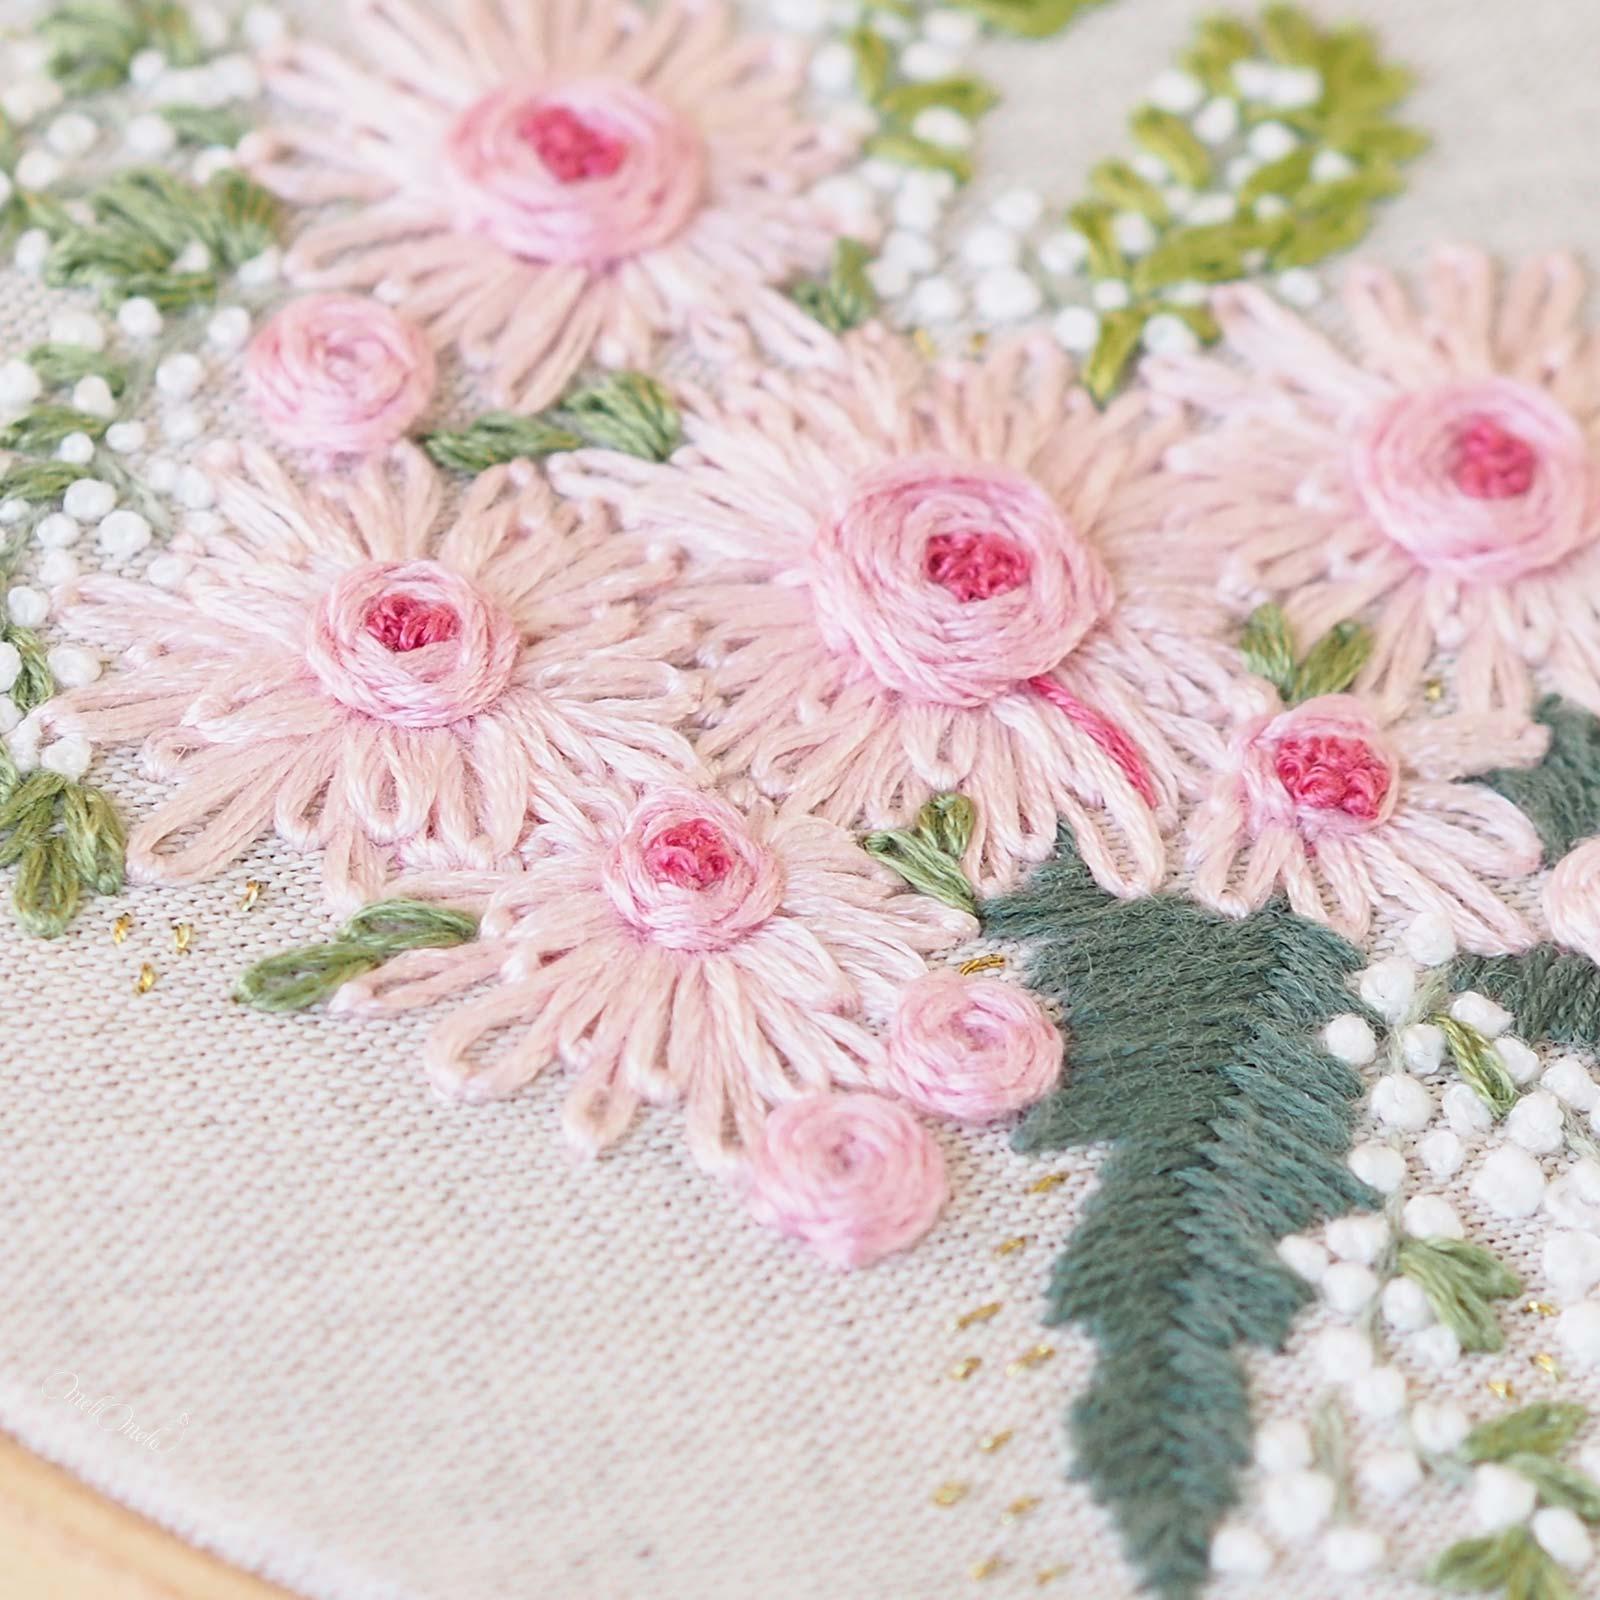 broderie mouliné DMC Laine Saint Pierre Lille fleurs gerbera rose Boutique MeliMelo